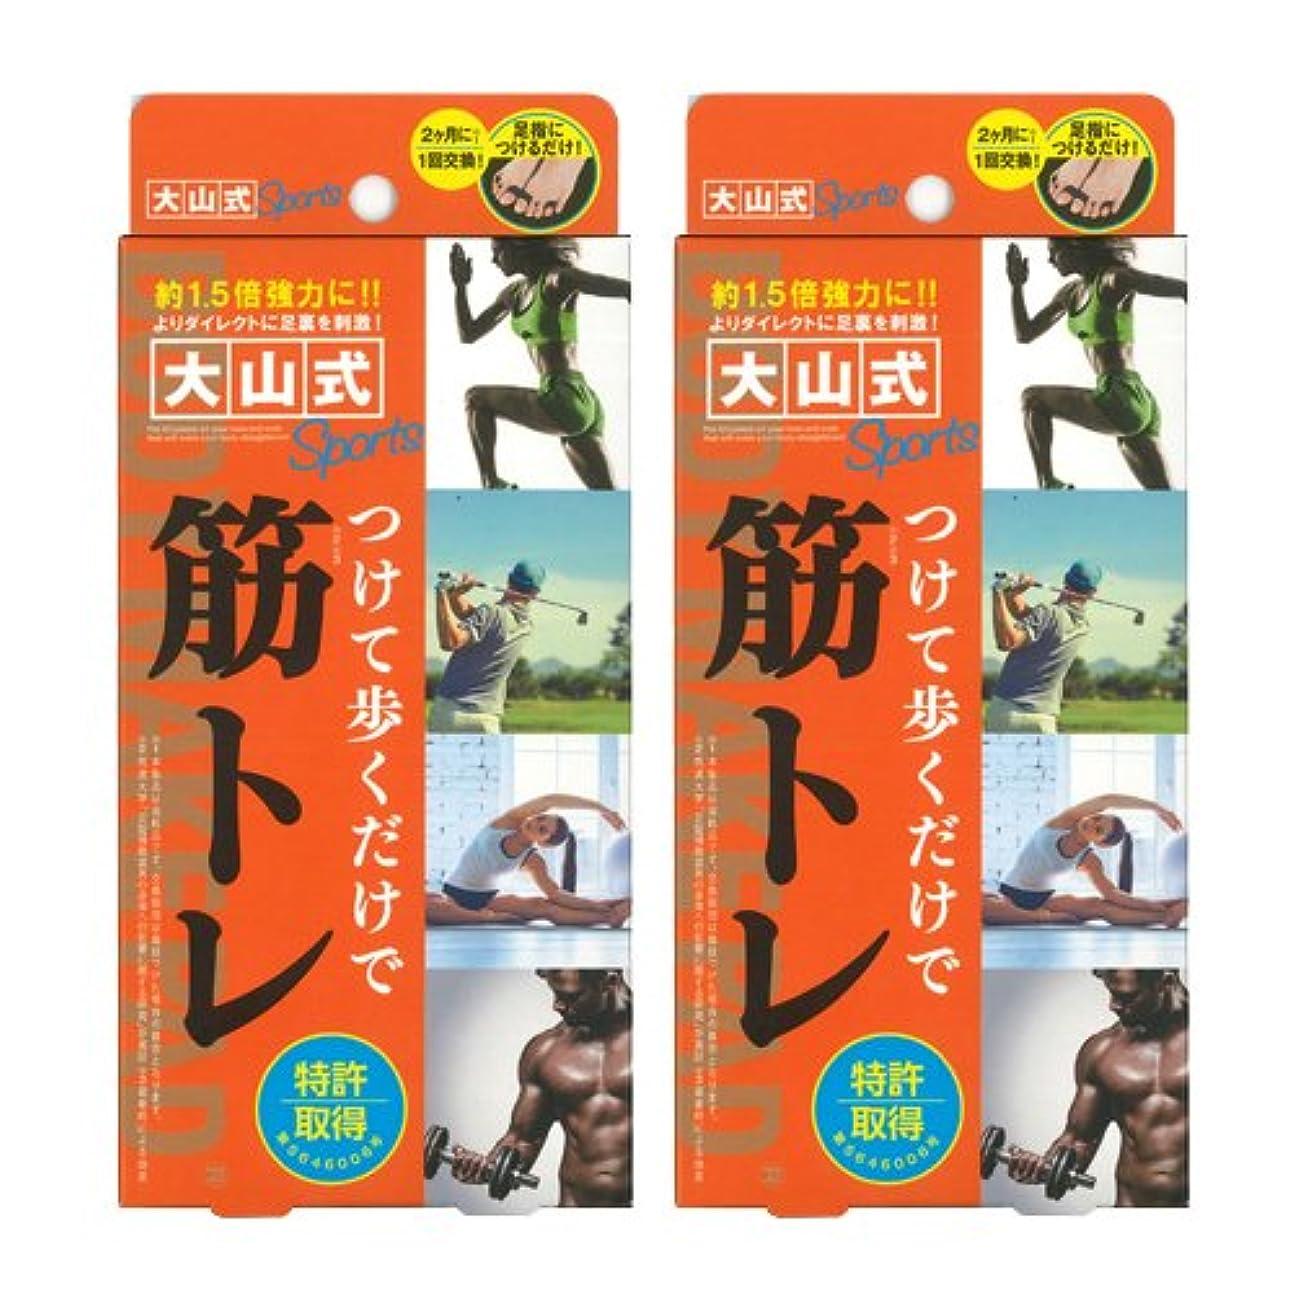 第五忠実な健康大山式ボディメイクパッド スポーツ ×2箱セット